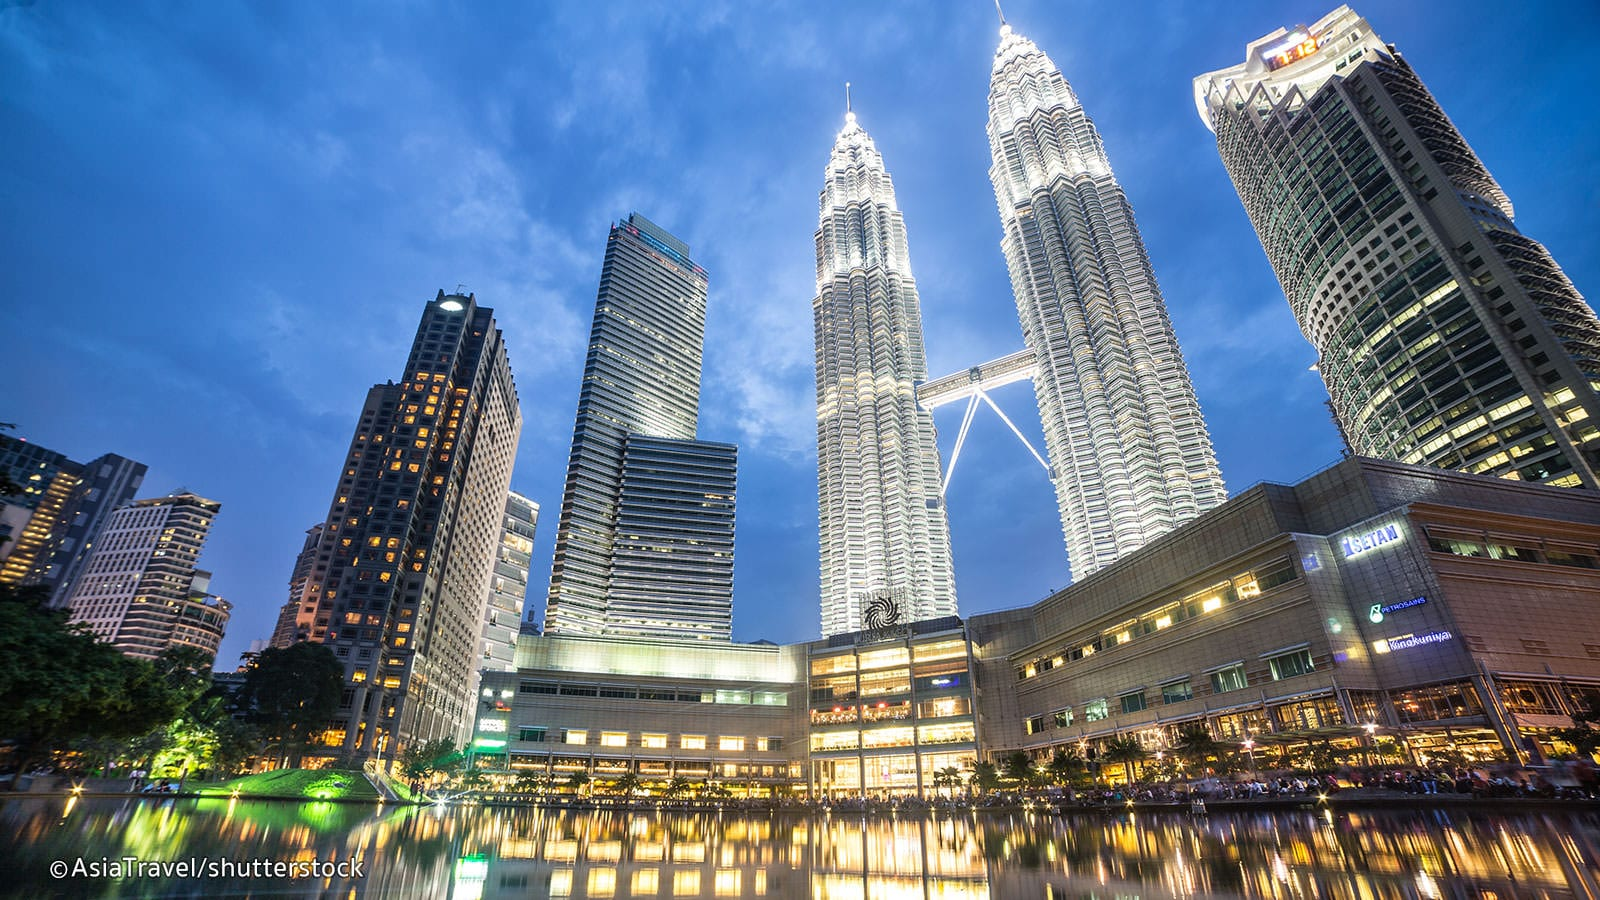 Cerita 'Seram' dan Mendebarkan Di Sebalik Pembinaan KLCC, Kuala Lumpur